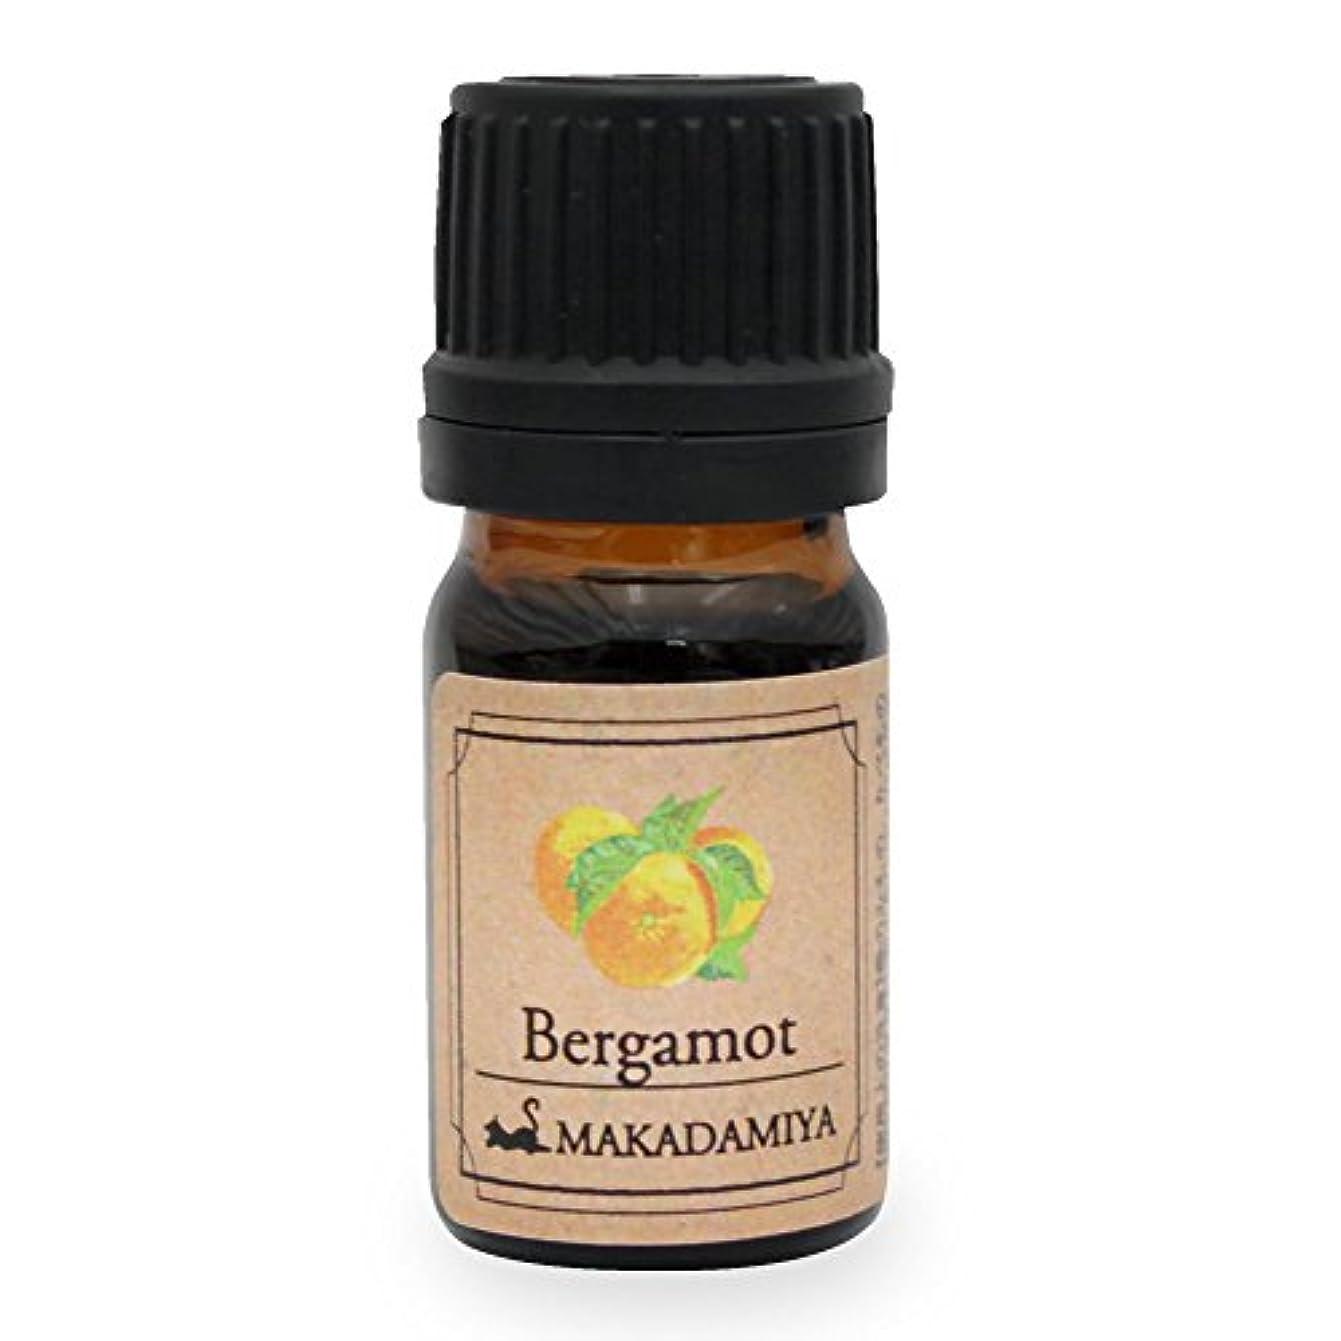 仮装チョップ地中海ベルガモット5ml 天然100%植物性 エッセンシャルオイル(精油) アロマオイル アロママッサージ aroma Bergamot